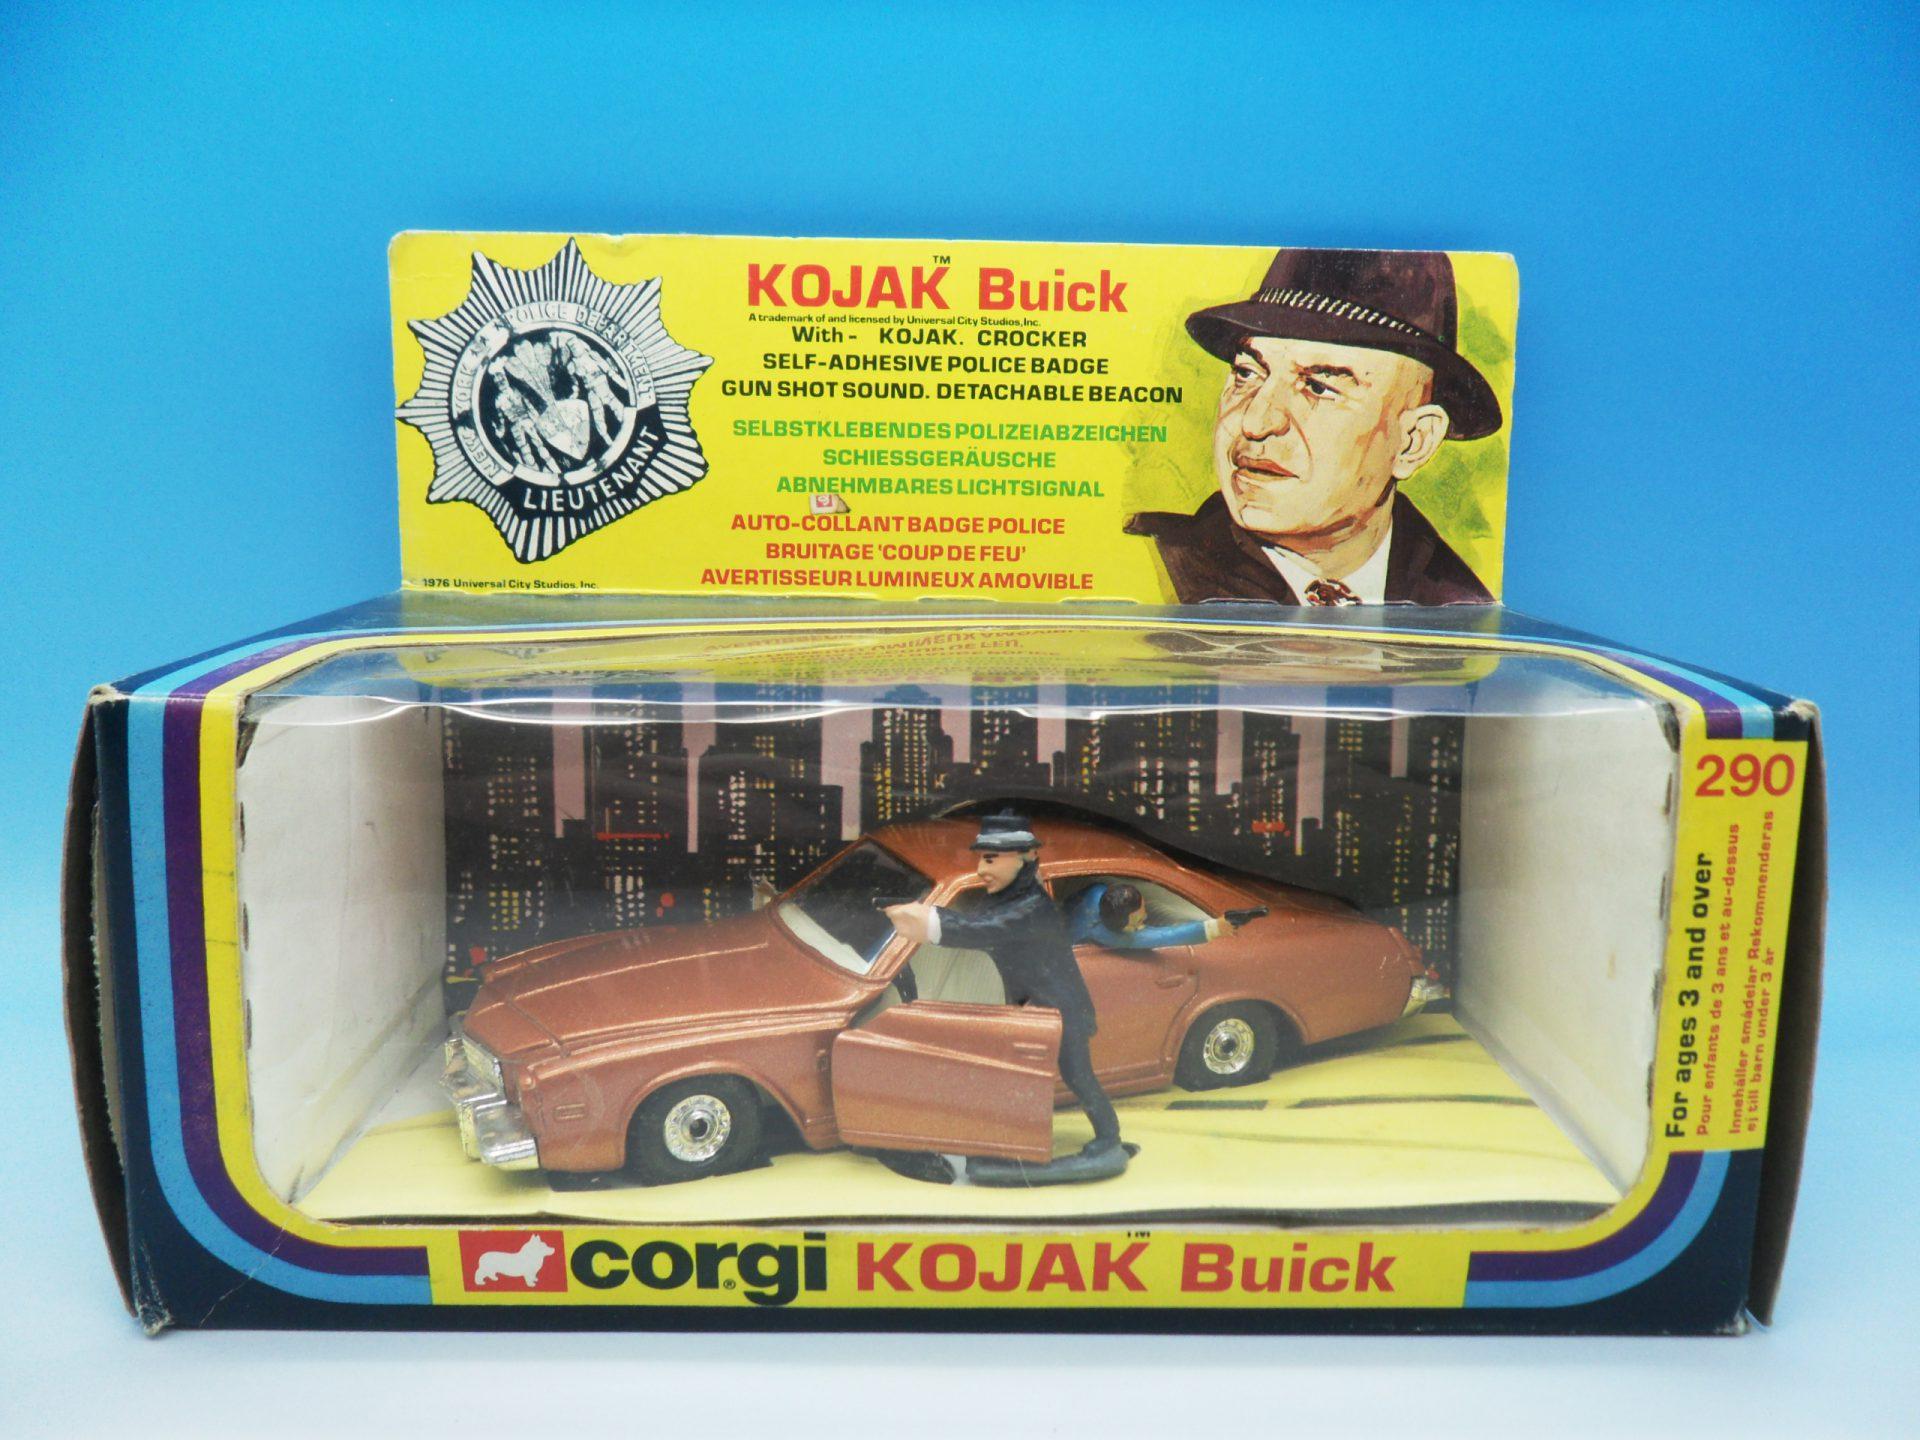 Corgi Toys Kojak Buick 290